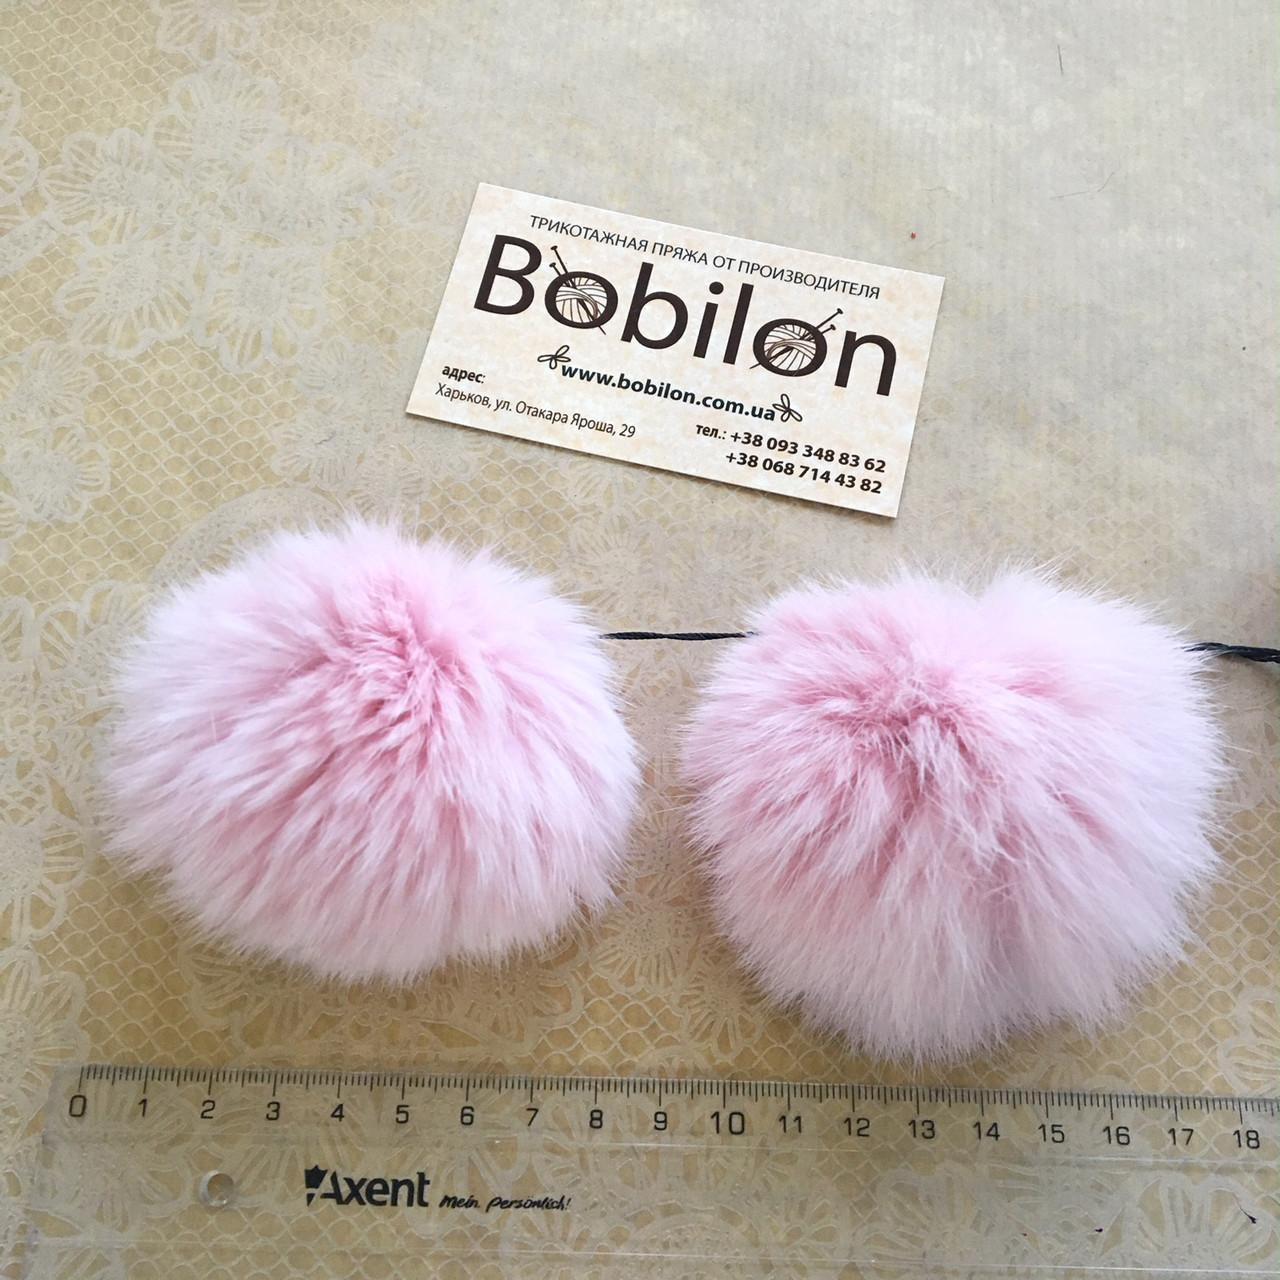 Меховые помпоны из меха кролика, цвет нежно-розовый